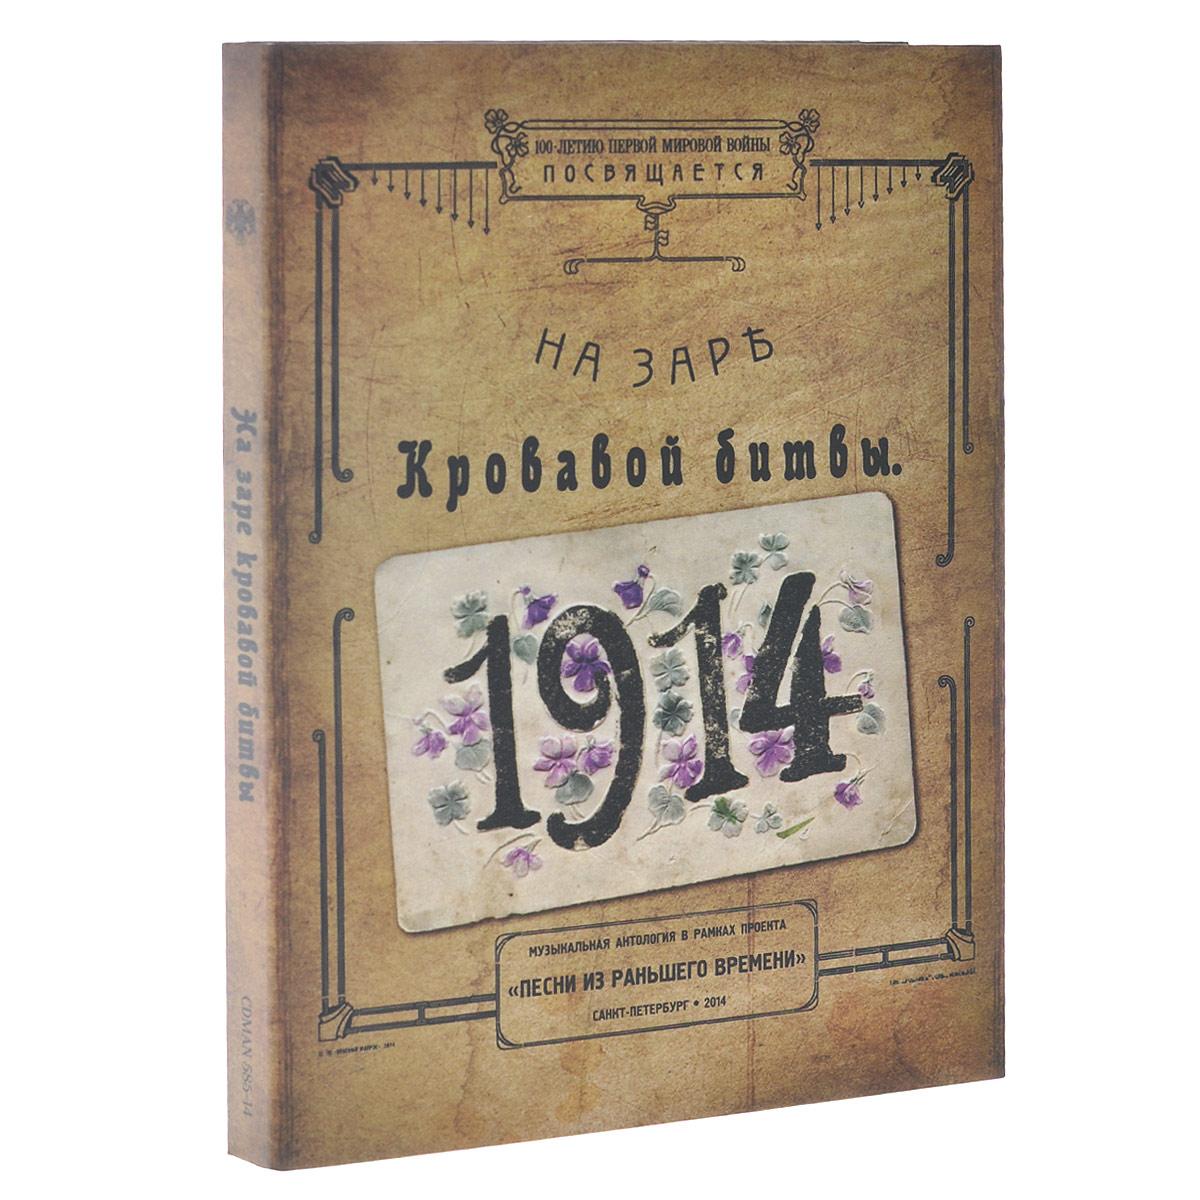 Издание содержит 66-страничный буклет с дополнительной информацией и текстами песен на русском языке.